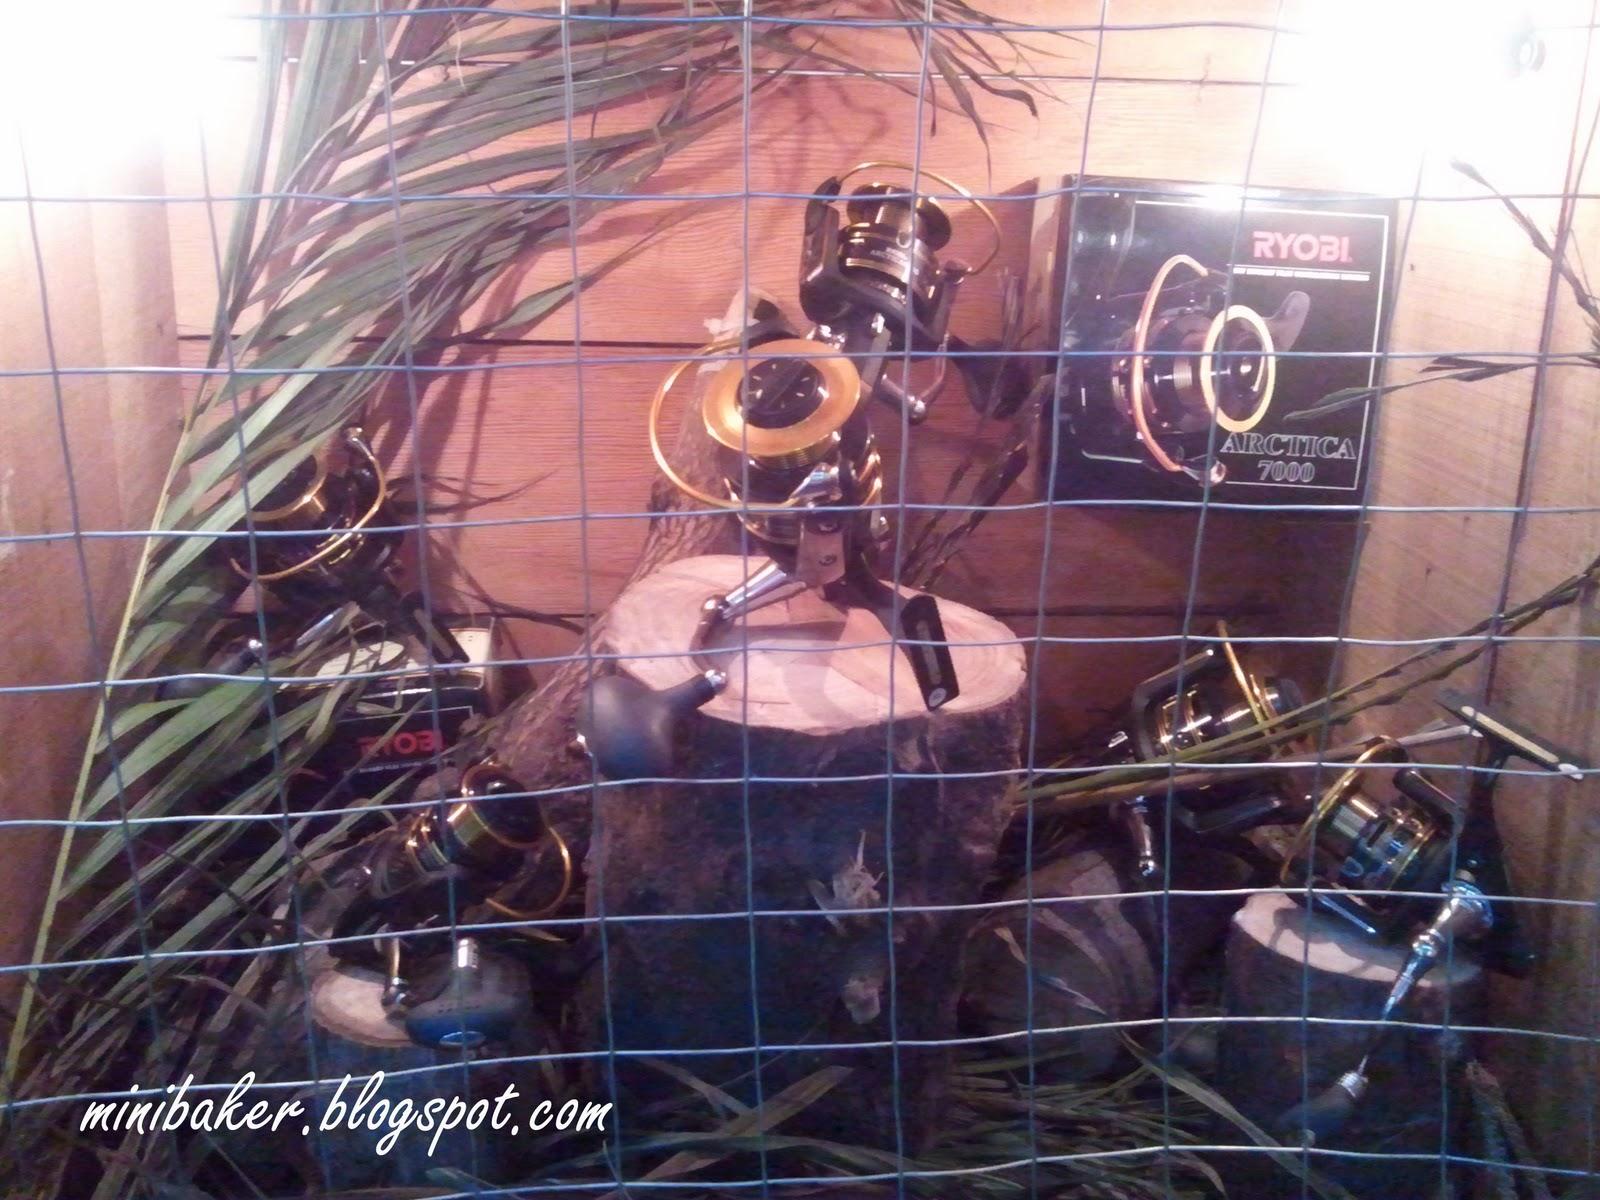 http://4.bp.blogspot.com/_S97yTaKZ66U/TO4gEWy3phI/AAAAAAAAA6I/zmShNKianRo/s1600/2010-11-07+16.53.16.jpg